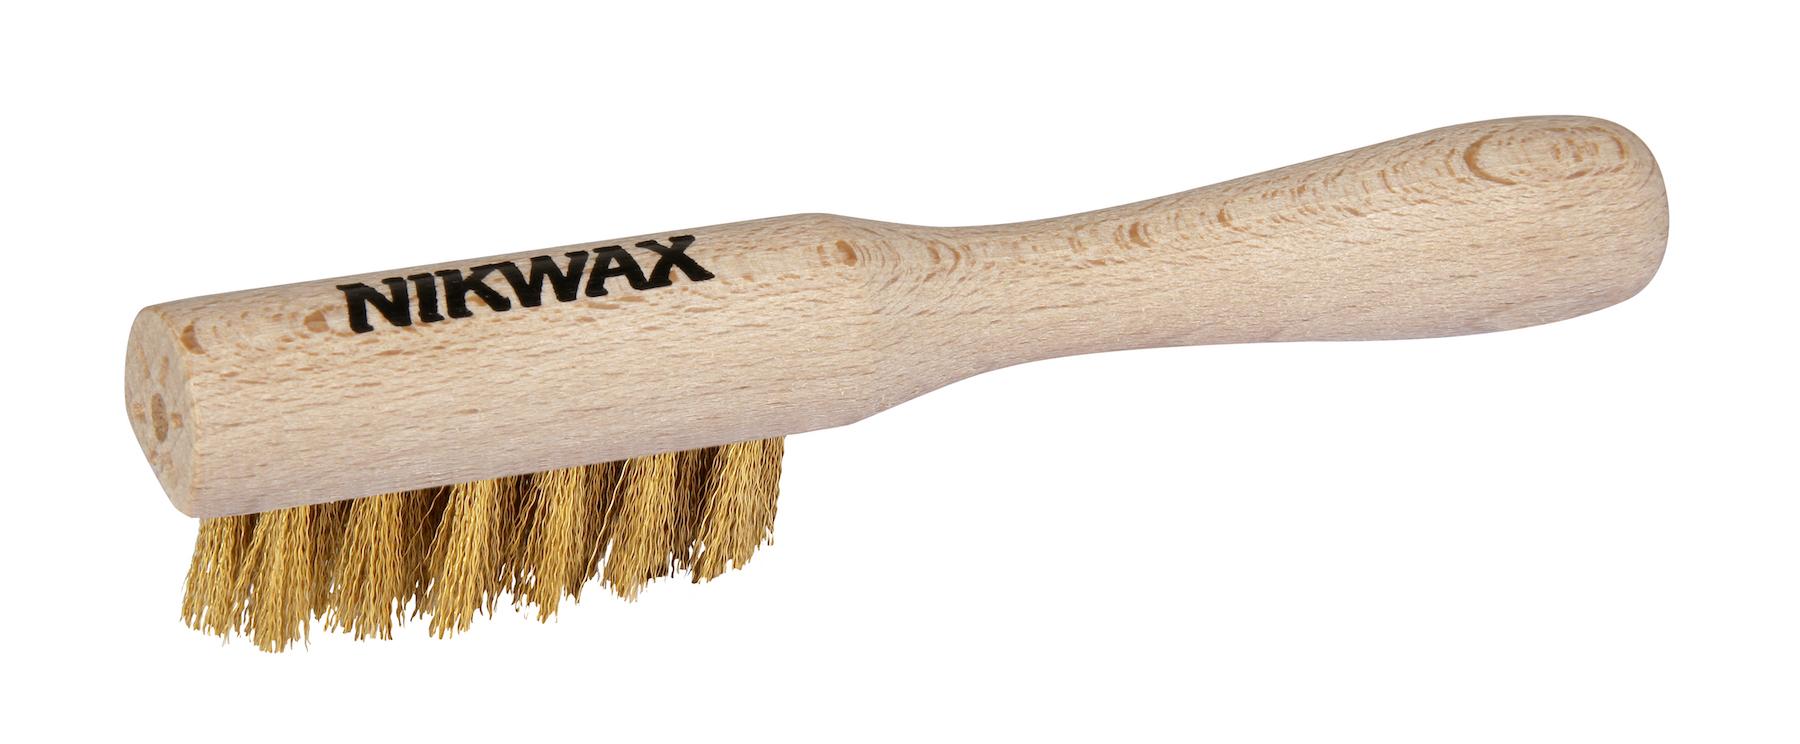 Nikwax Brosse chaussures spécial nubuck